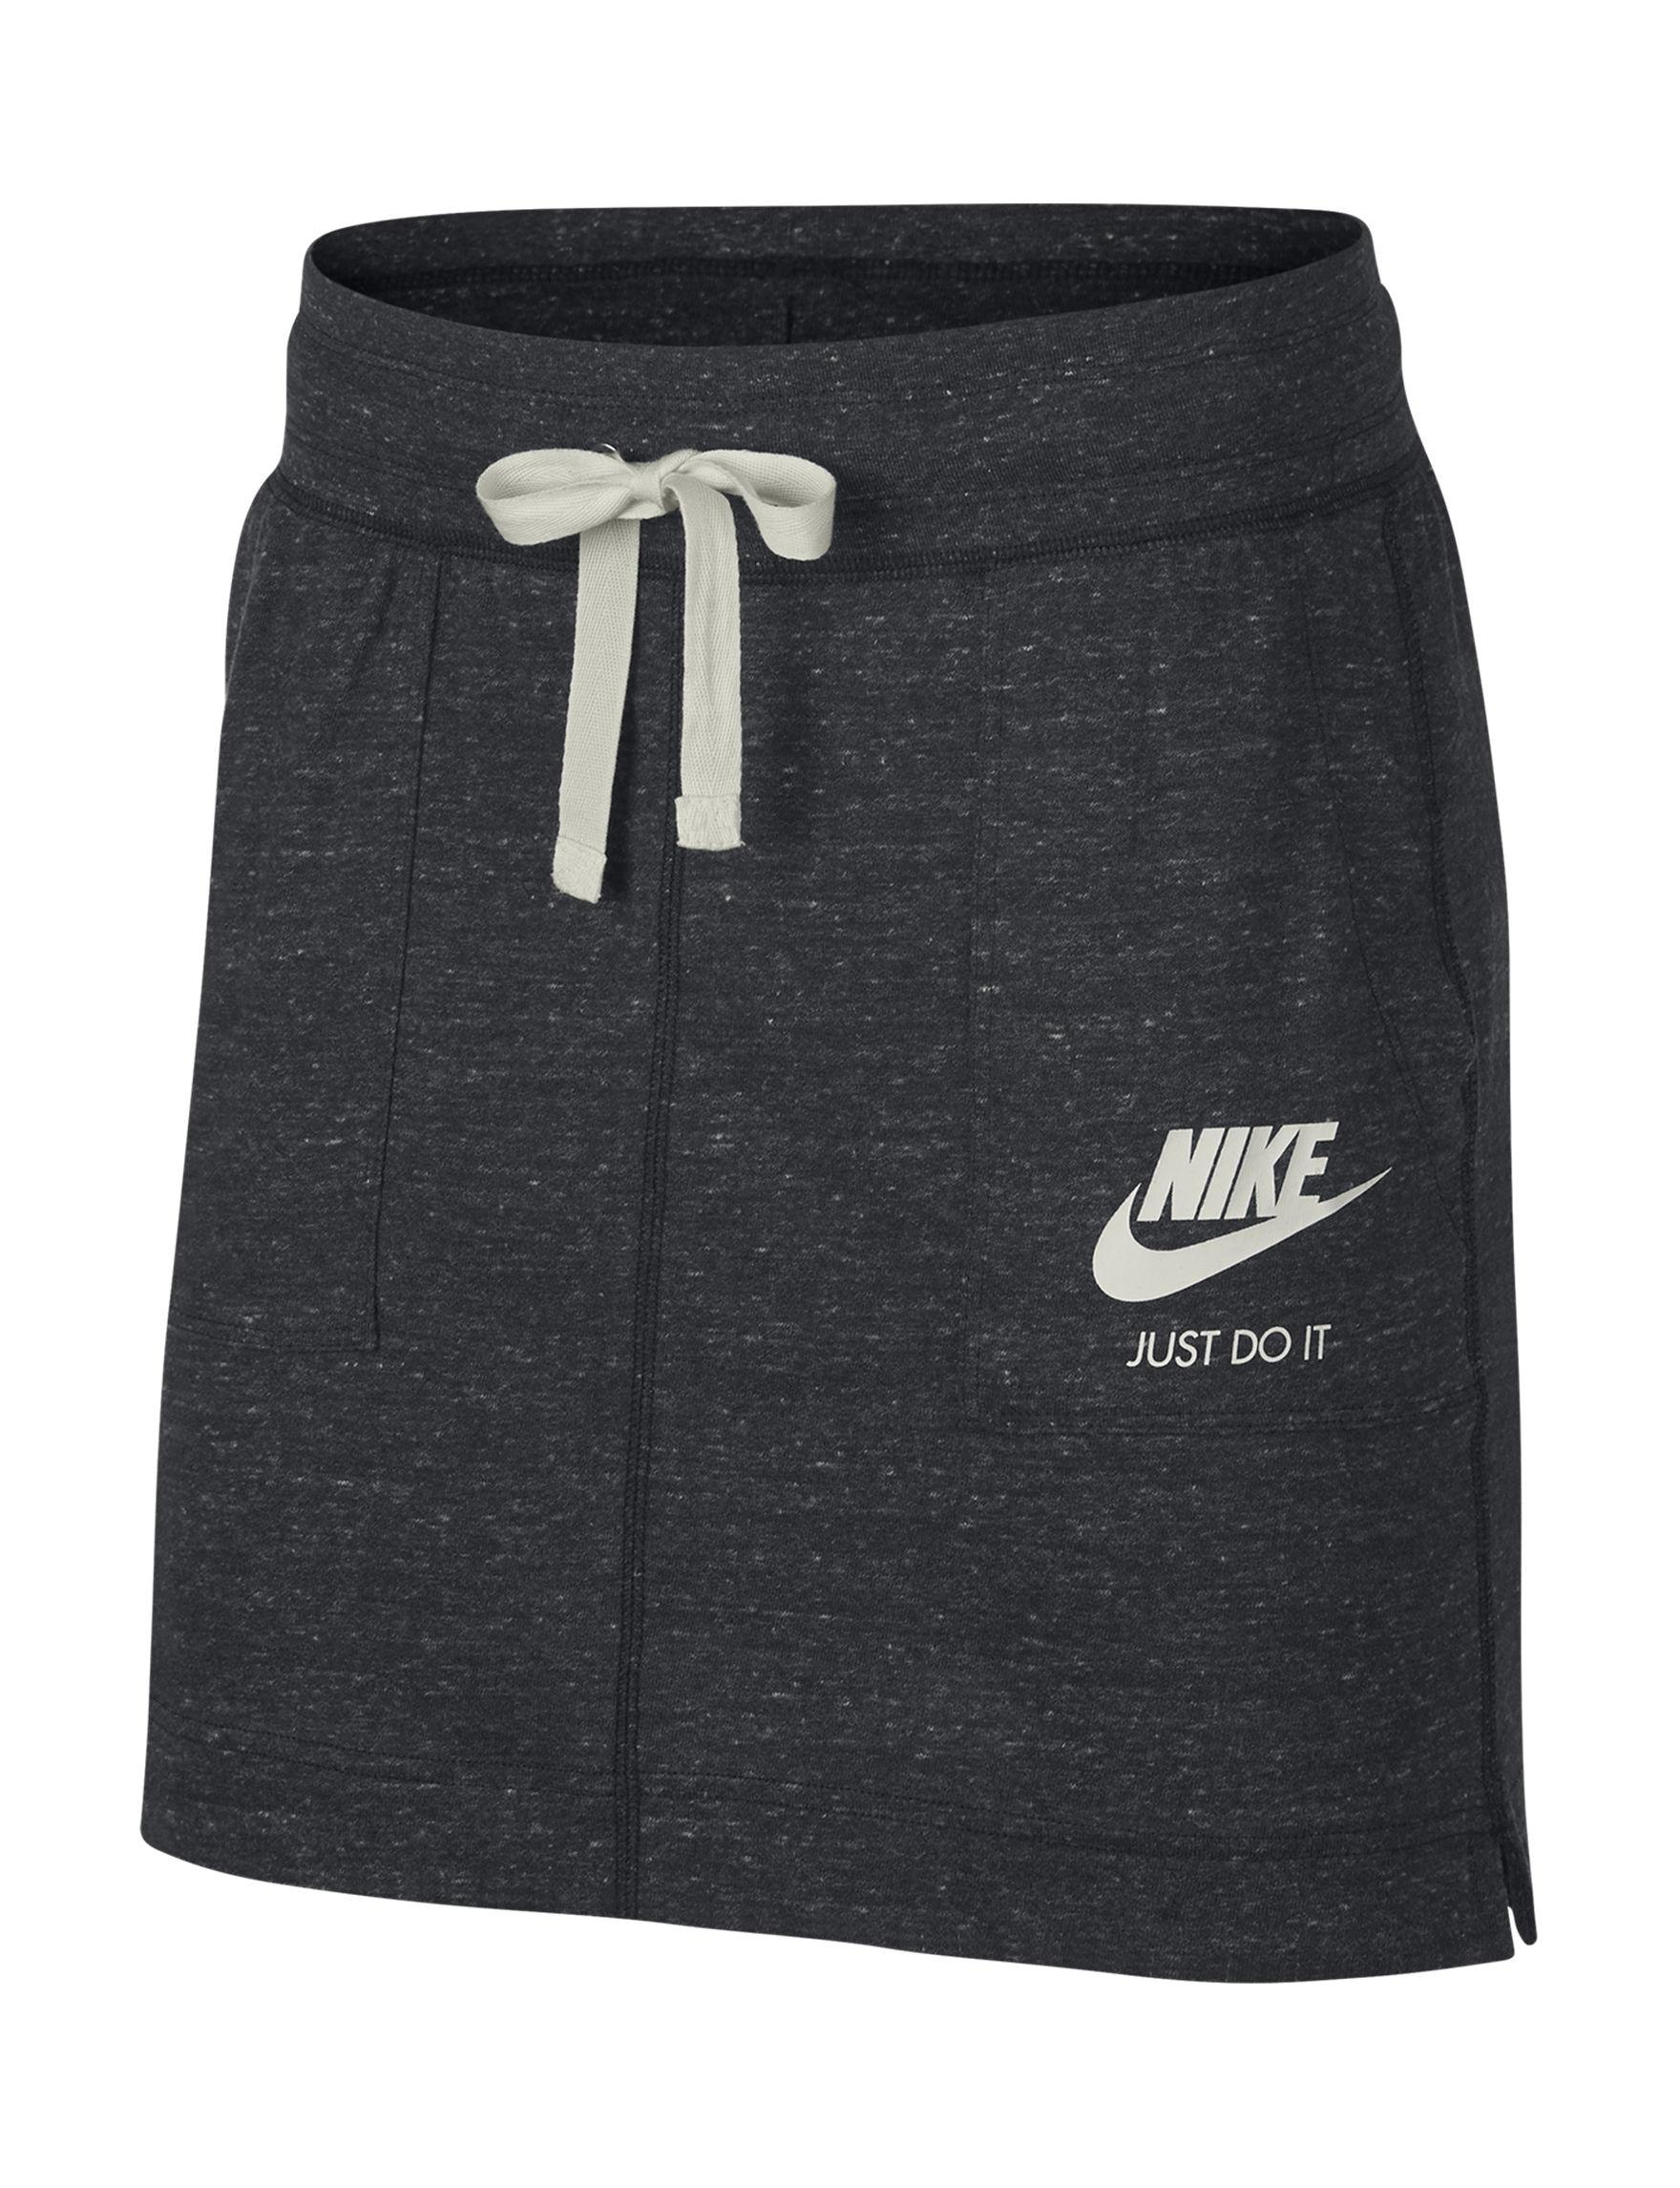 best website 6c997 71c5a Nike Women s Sportswear Gym Vintage Skirt. WEB ID   441781. product